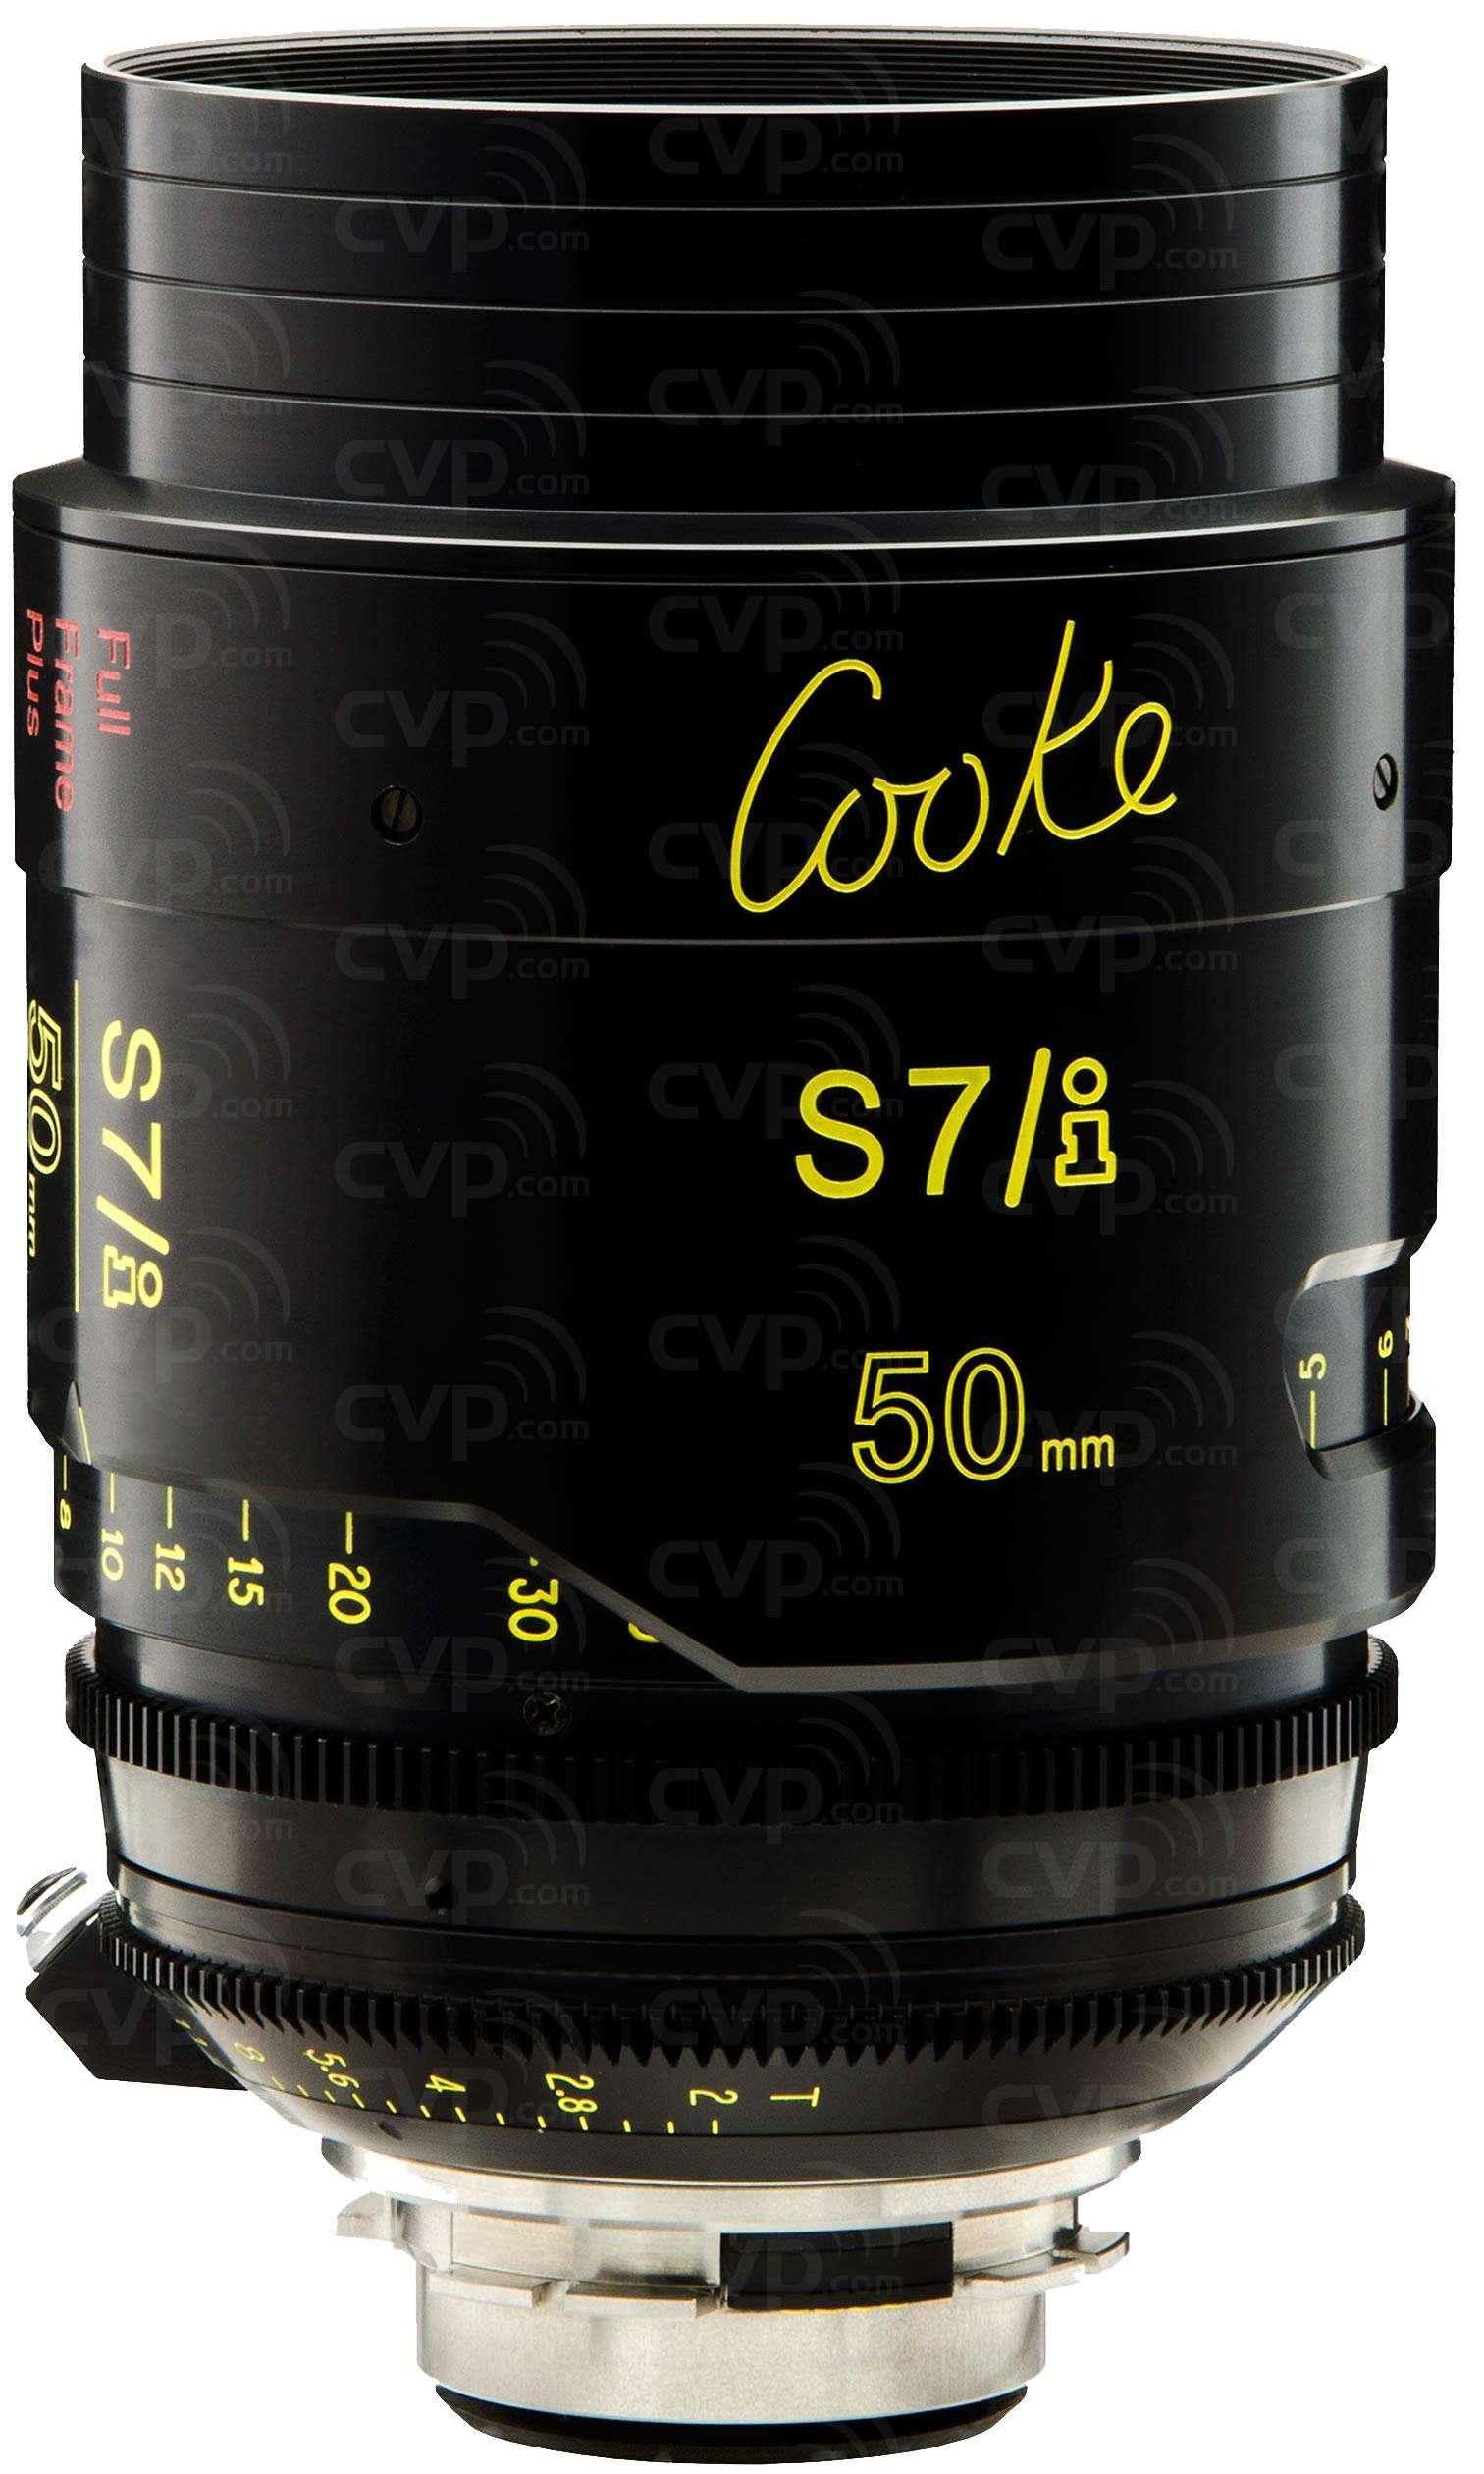 Cooke S7/i 50mm T2 - PL